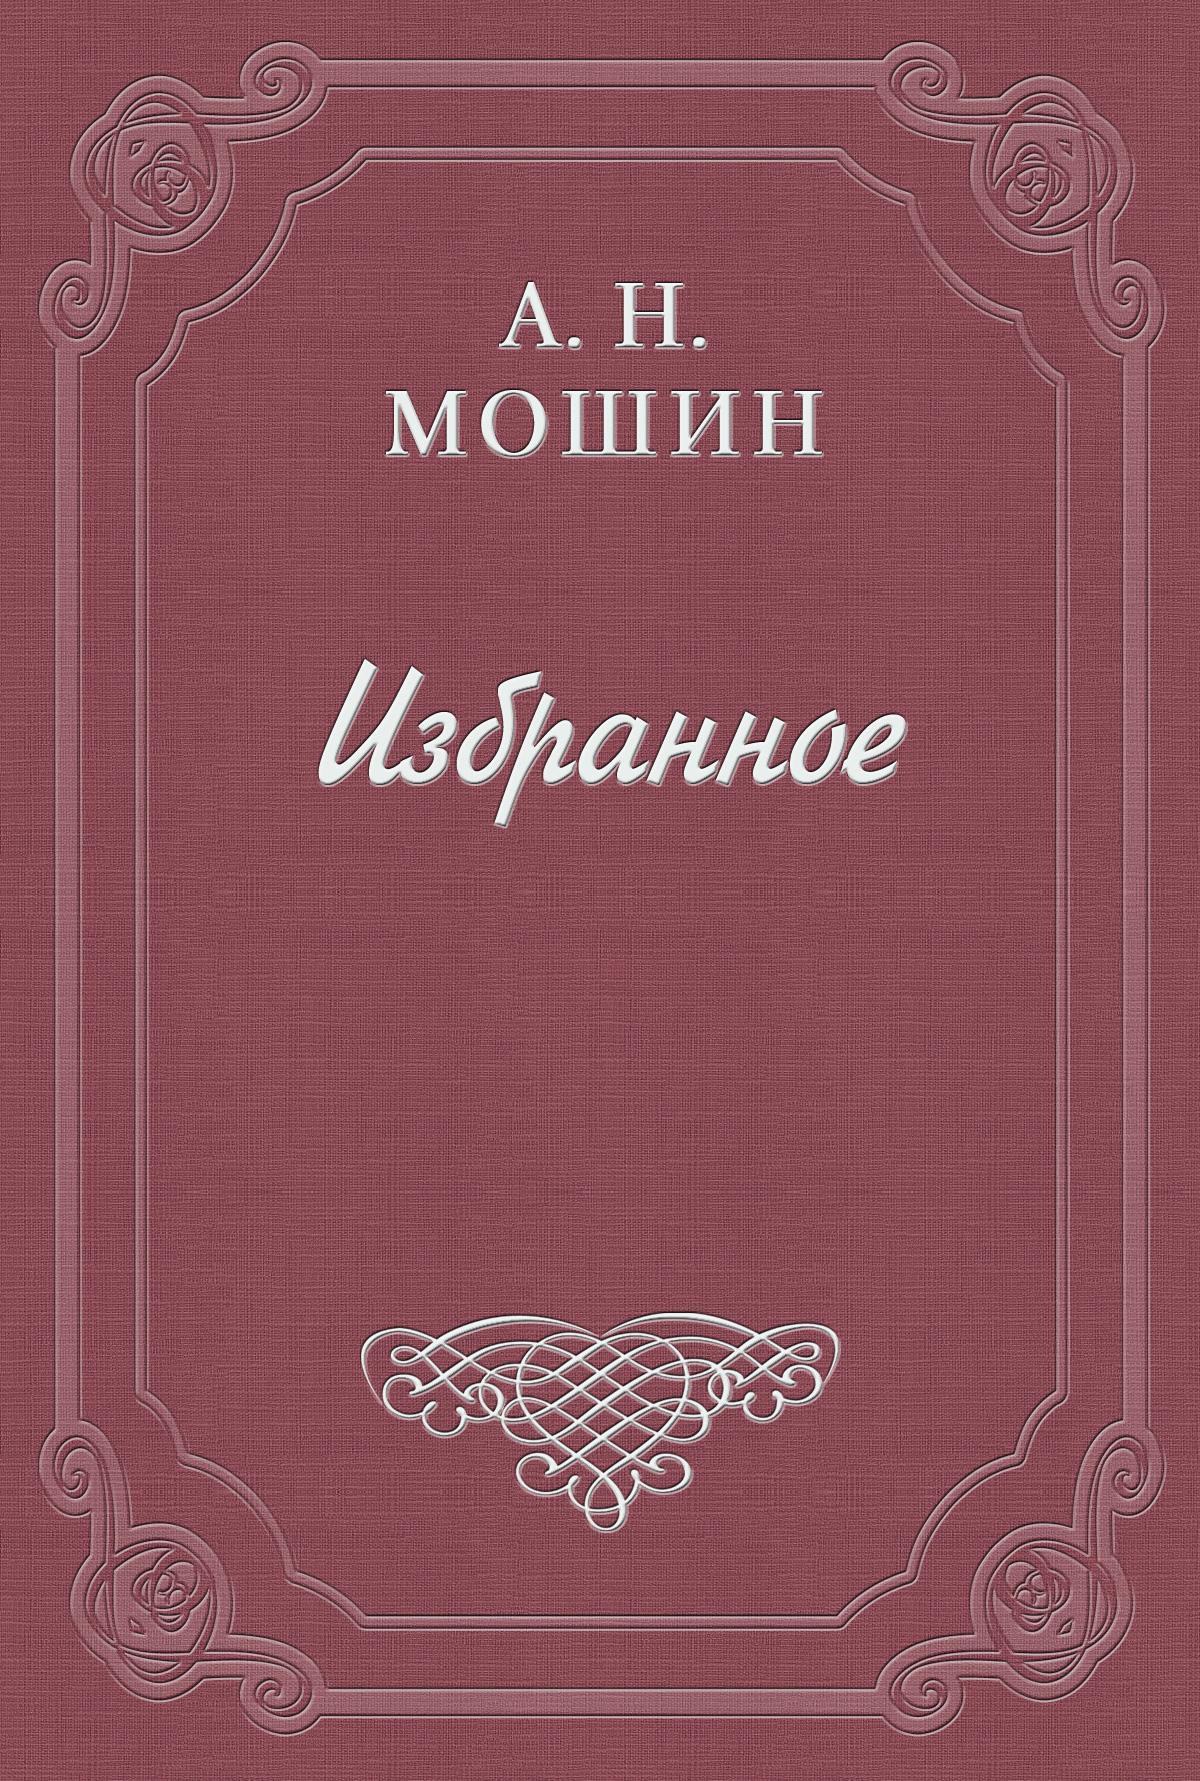 Алексей Мошин В снегу алексей мошин илья